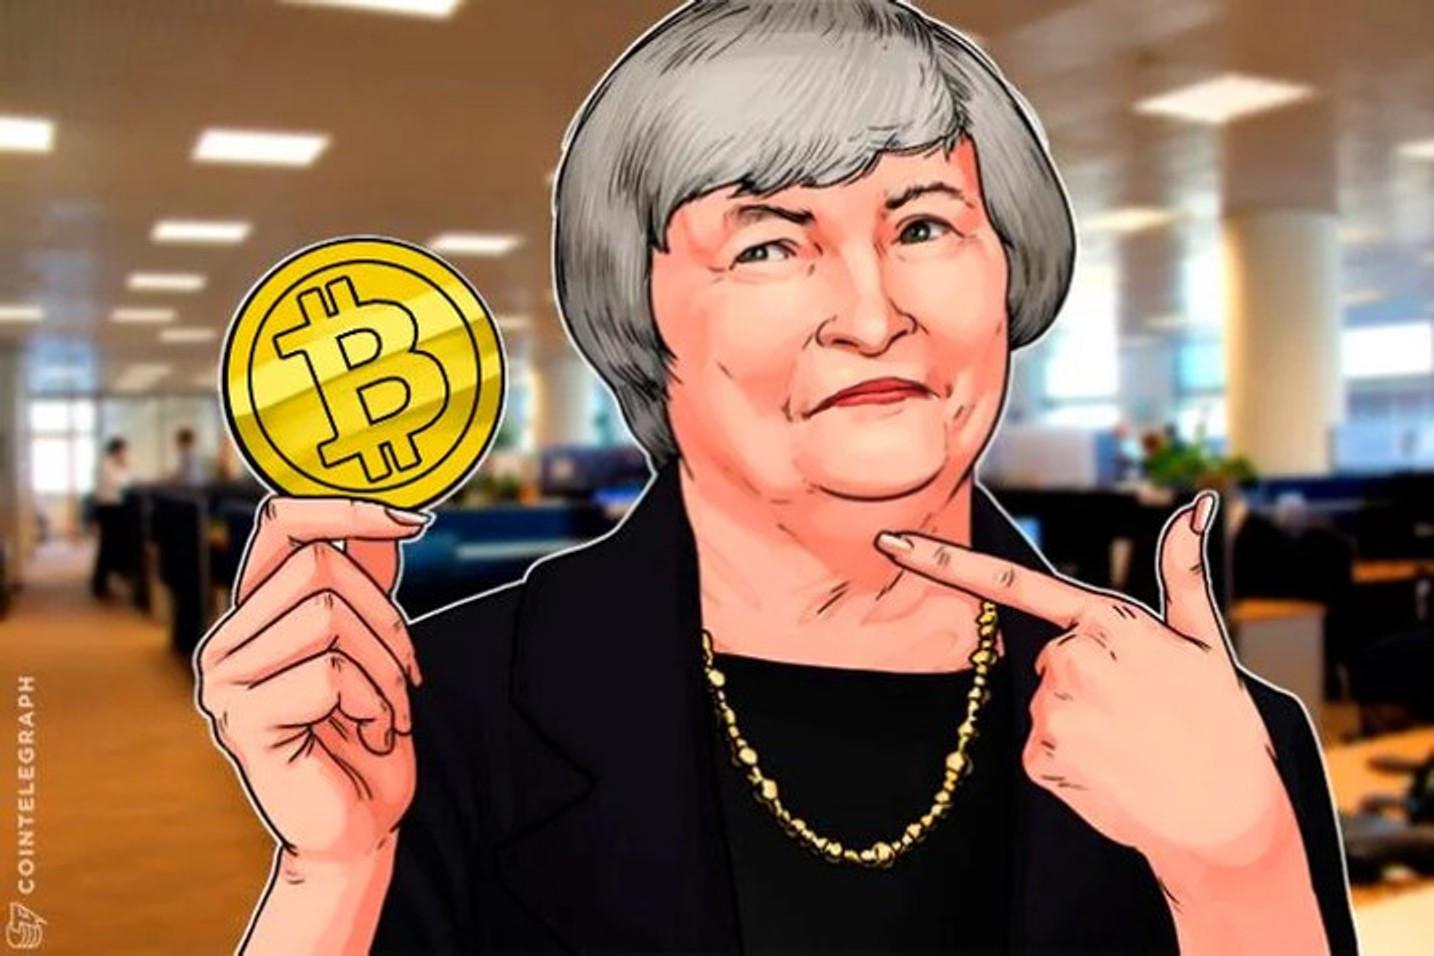 米財務長官候補のイエレン氏 仮想通貨ビットコイン「最大の協力者」に?